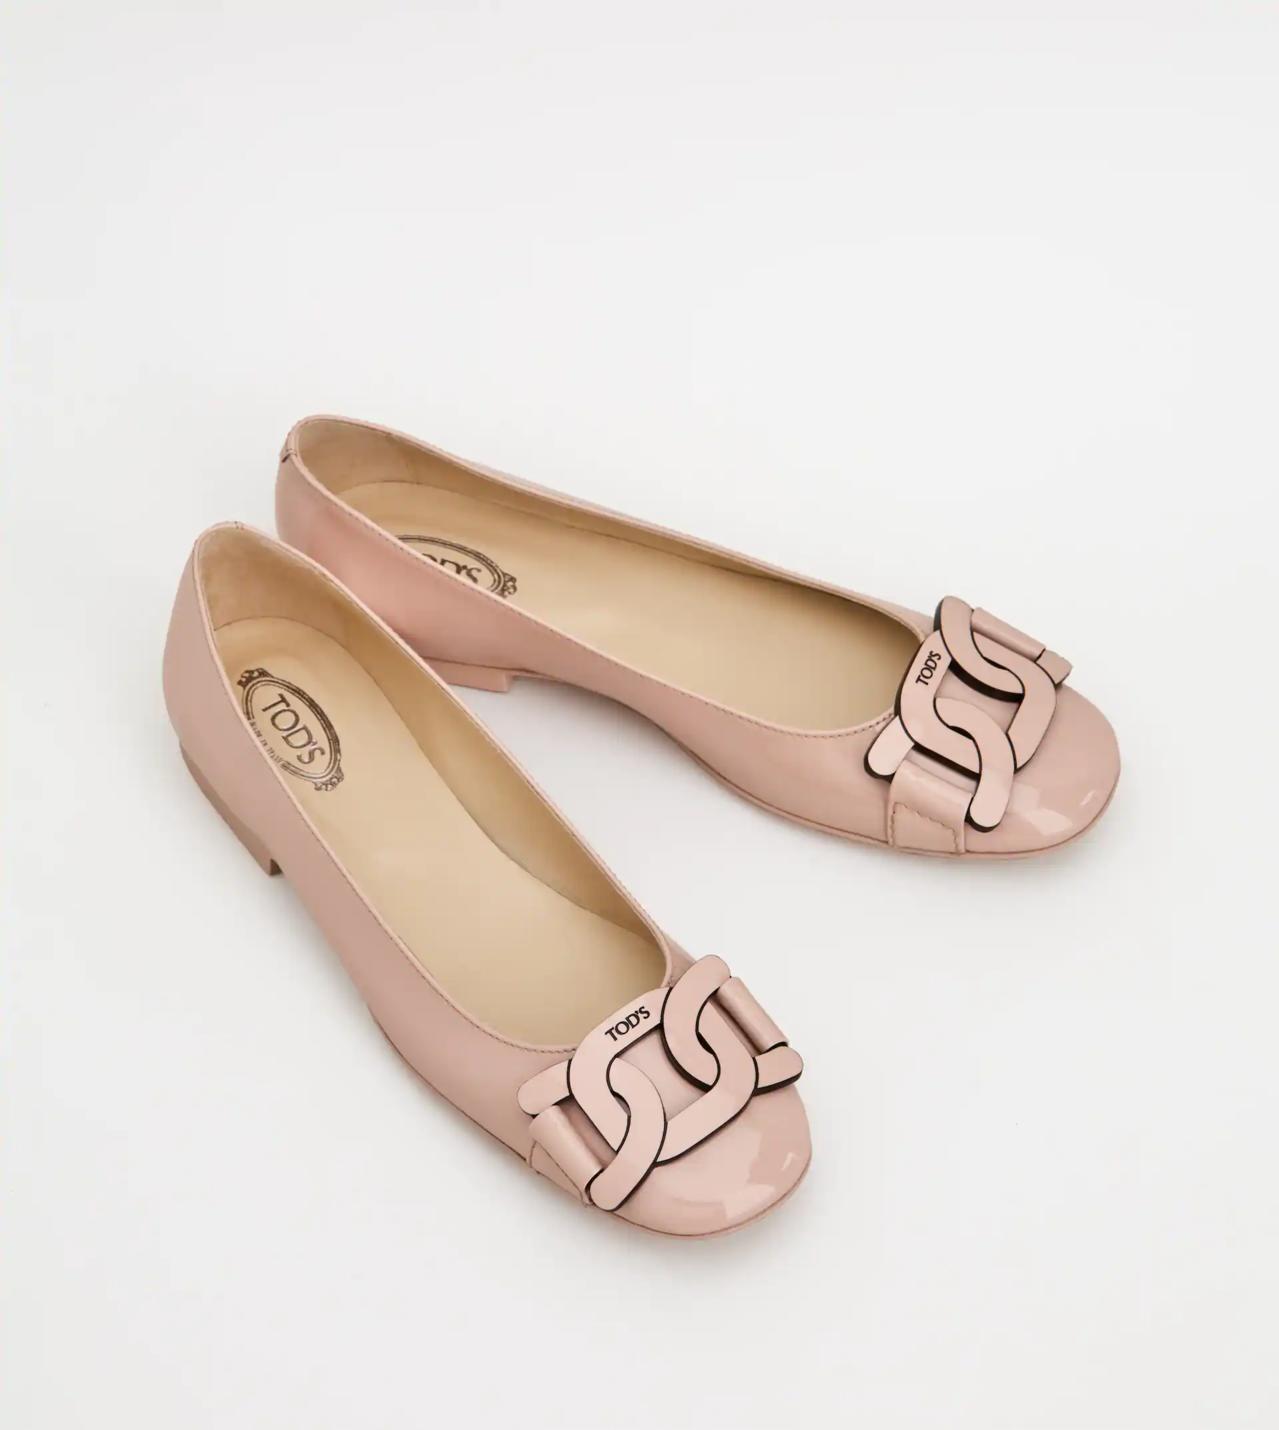 Tod's Kate裸粉色漆皮平底鞋,18,100元。 圖/迪生提供